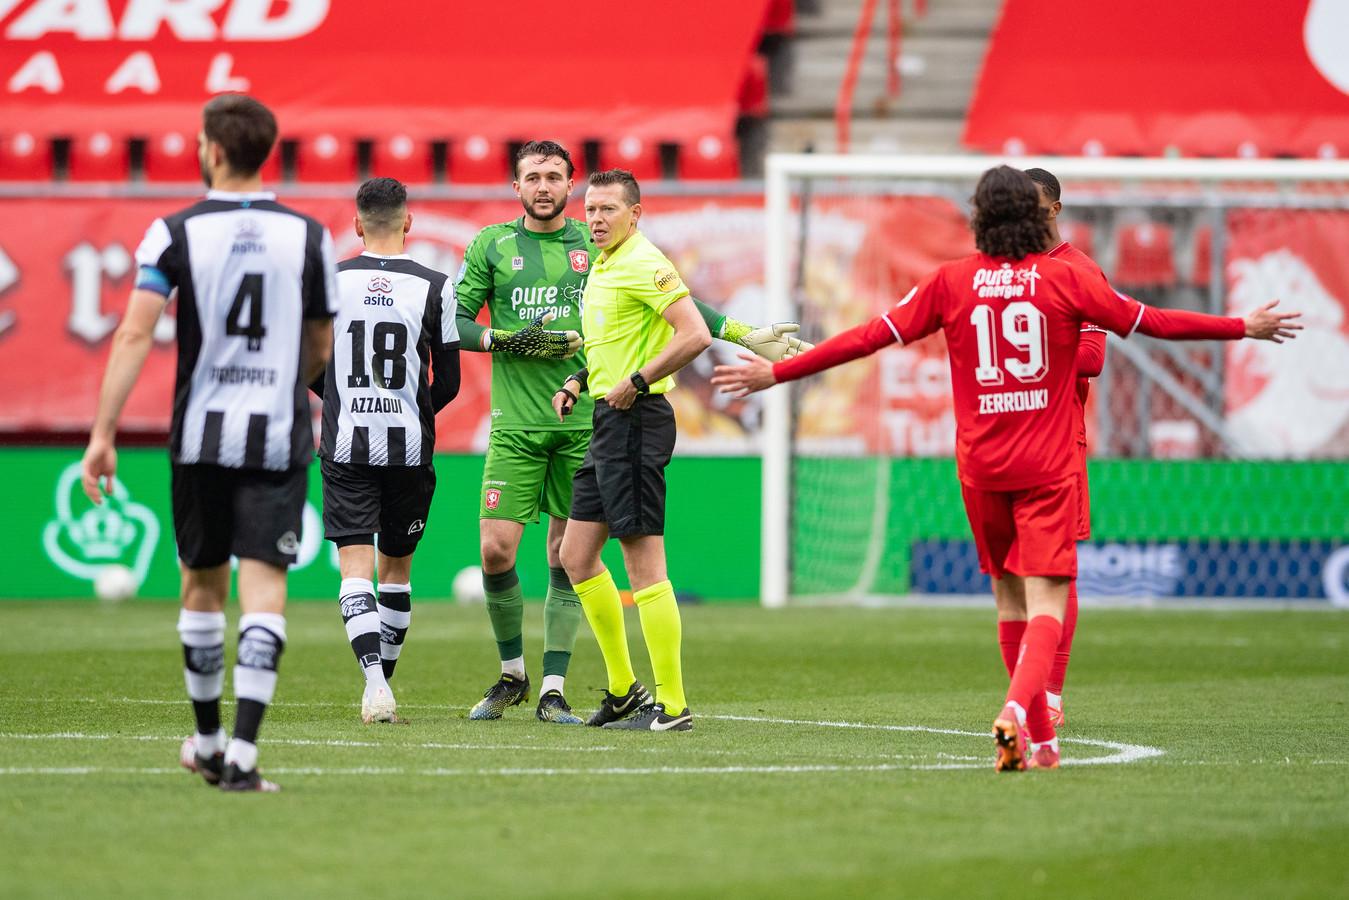 FC Twente-doelman Joël Drommel haalt verhaal bij scheidsrechter Allard Lindhout na de omstreden VAR-beslissing in het thuisduel met Heracles Almelo.